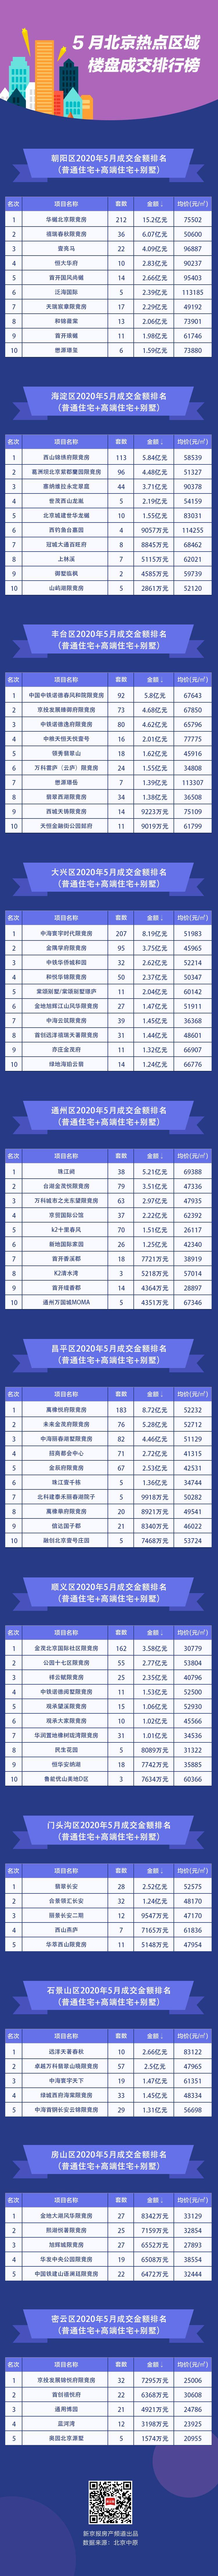 5月北京新建住宅成交破四千套 各区哪些楼盘拔得头筹?图片